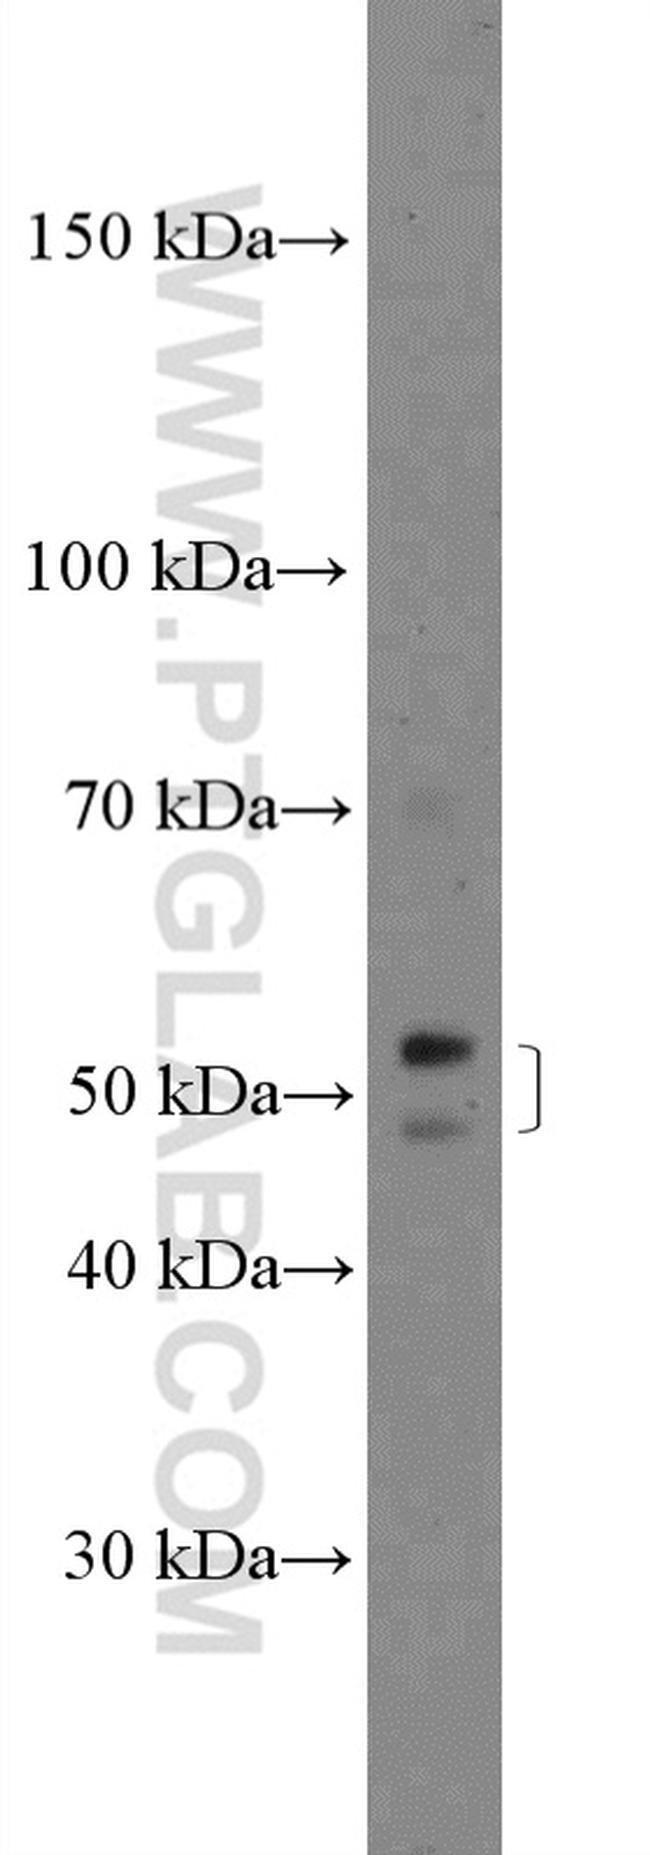 ZDHHC1 Rabbit anti-Human, Polyclonal, Proteintech 20 μL; Unconjugated voir les résultats